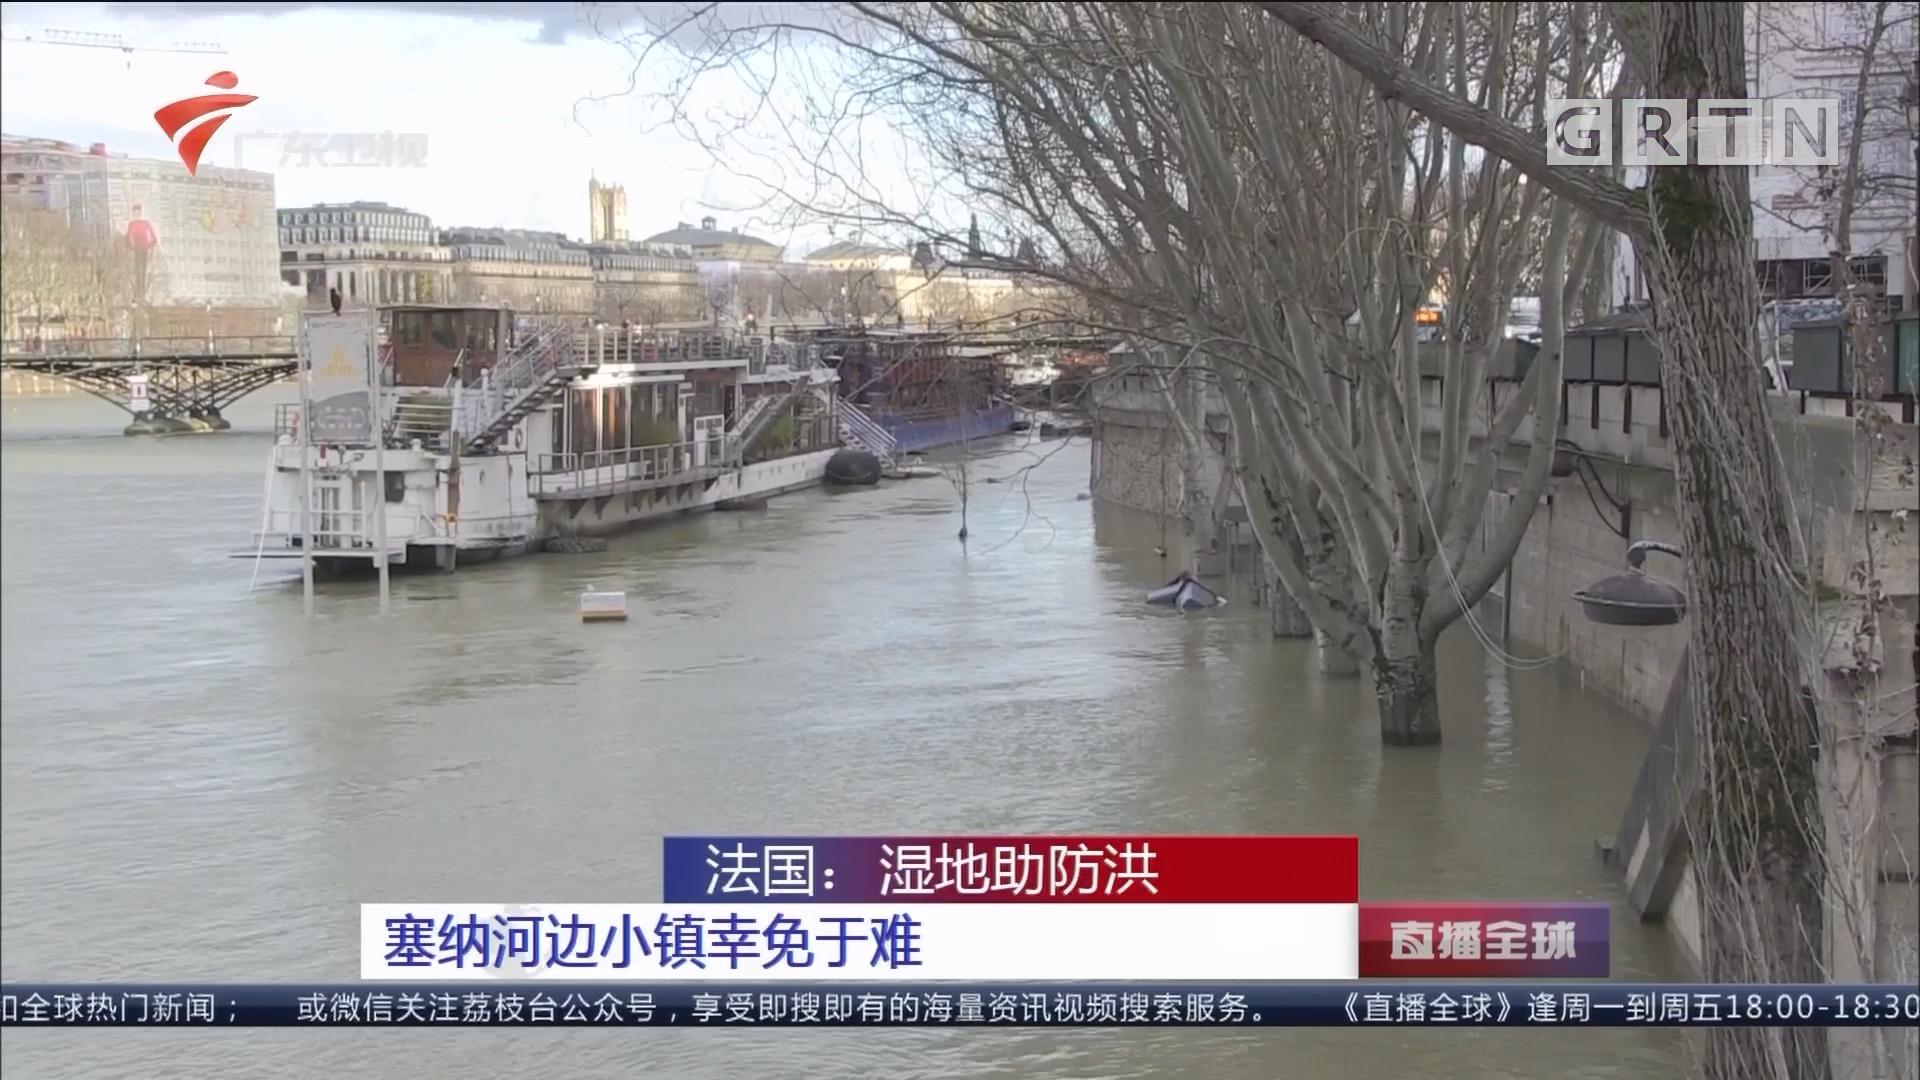 法国:湿地助防洪 塞纳河边小镇幸免于难